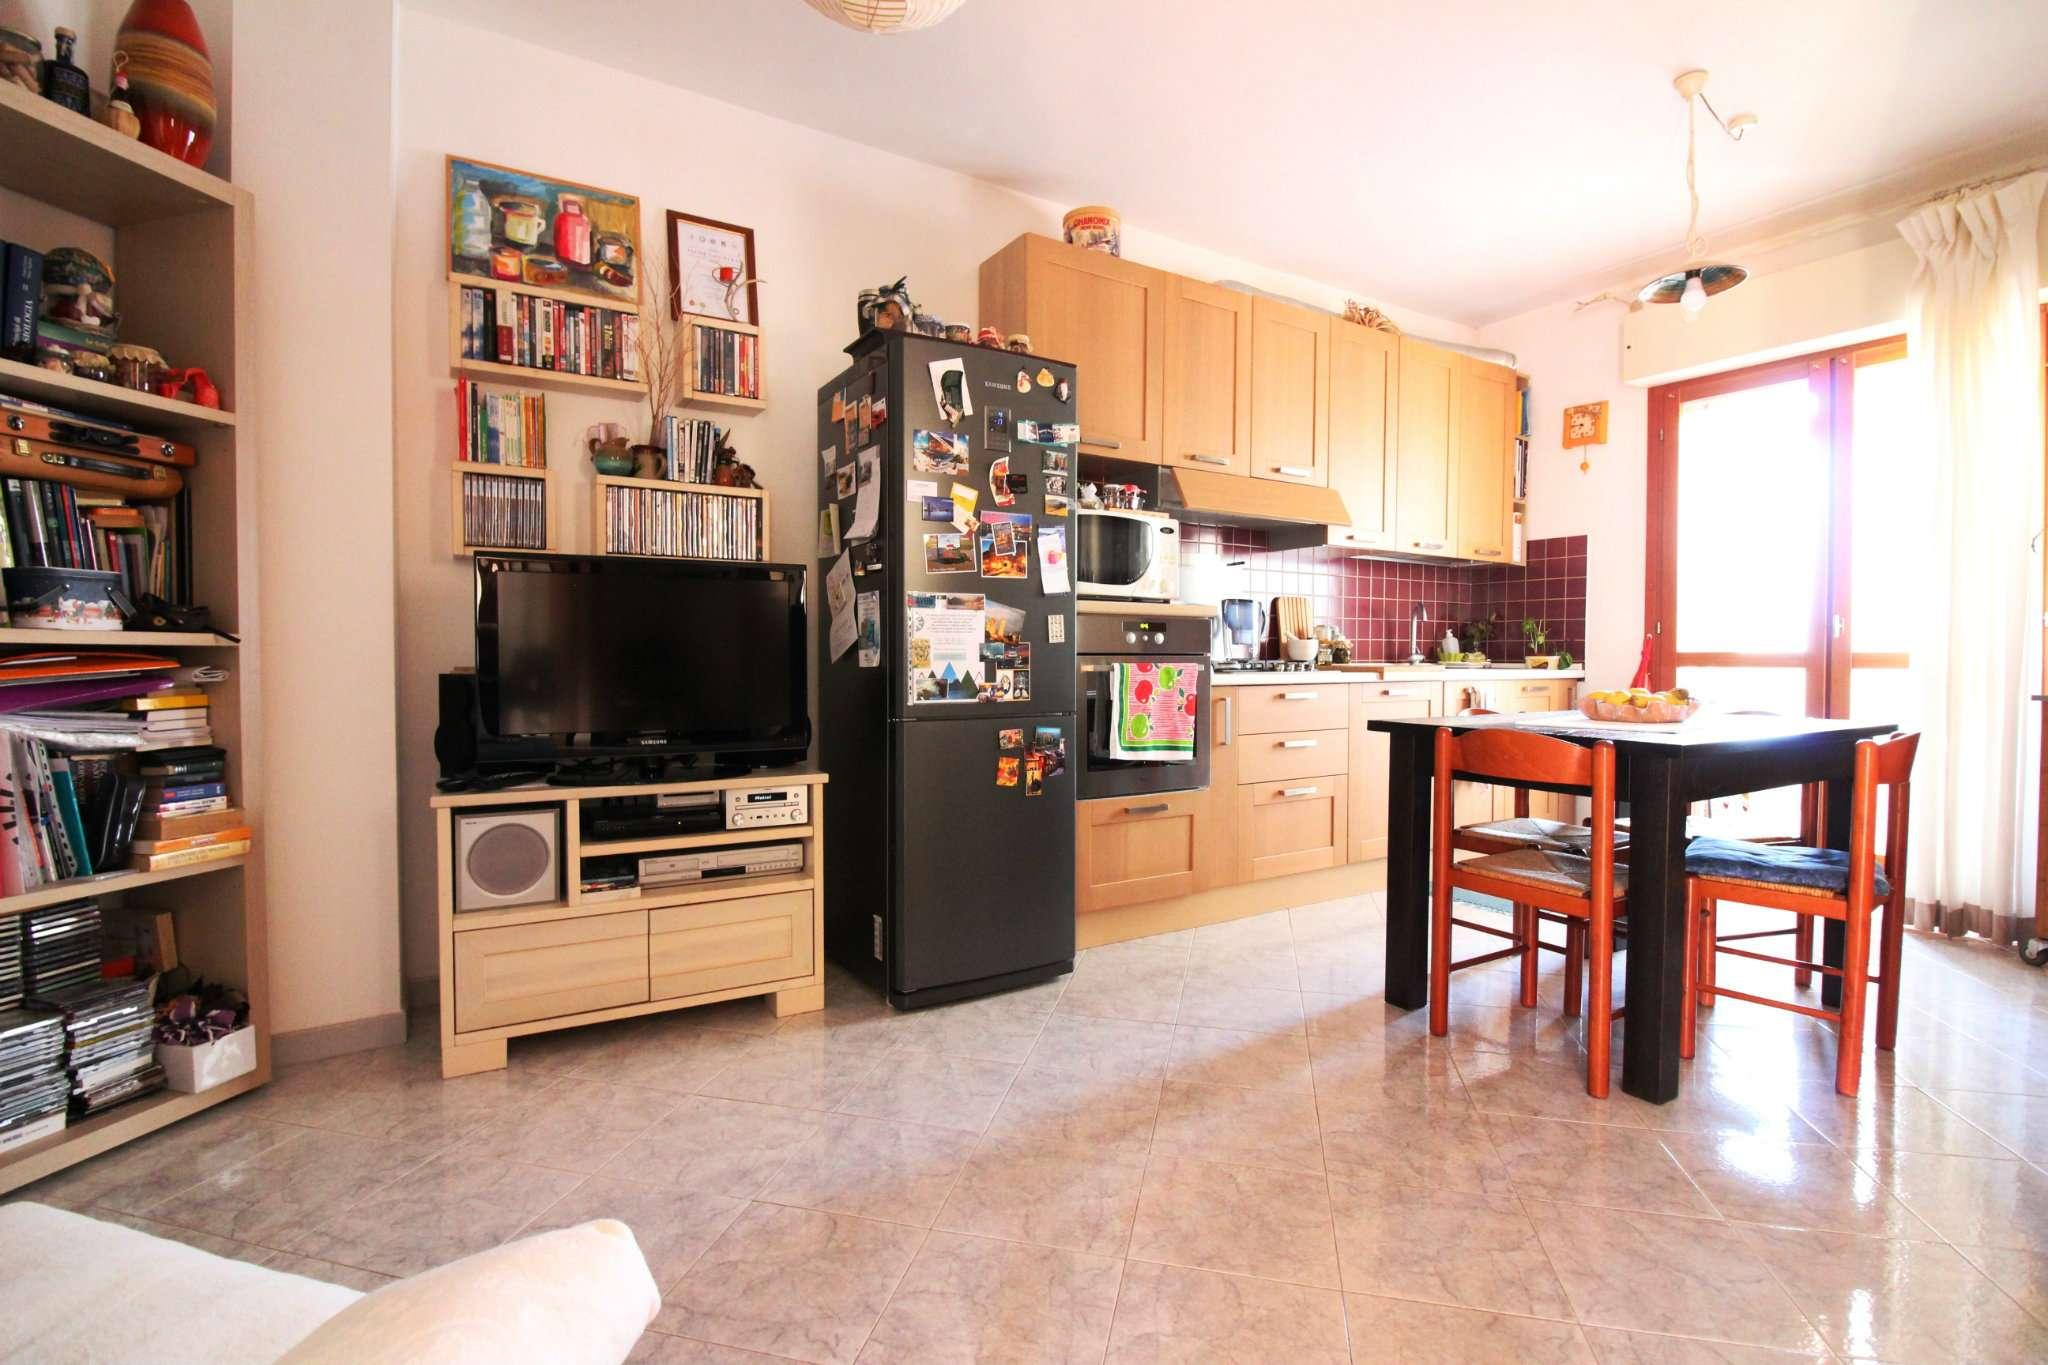 Appartamento in vendita a Sestu, 3 locali, prezzo € 115.000 | CambioCasa.it